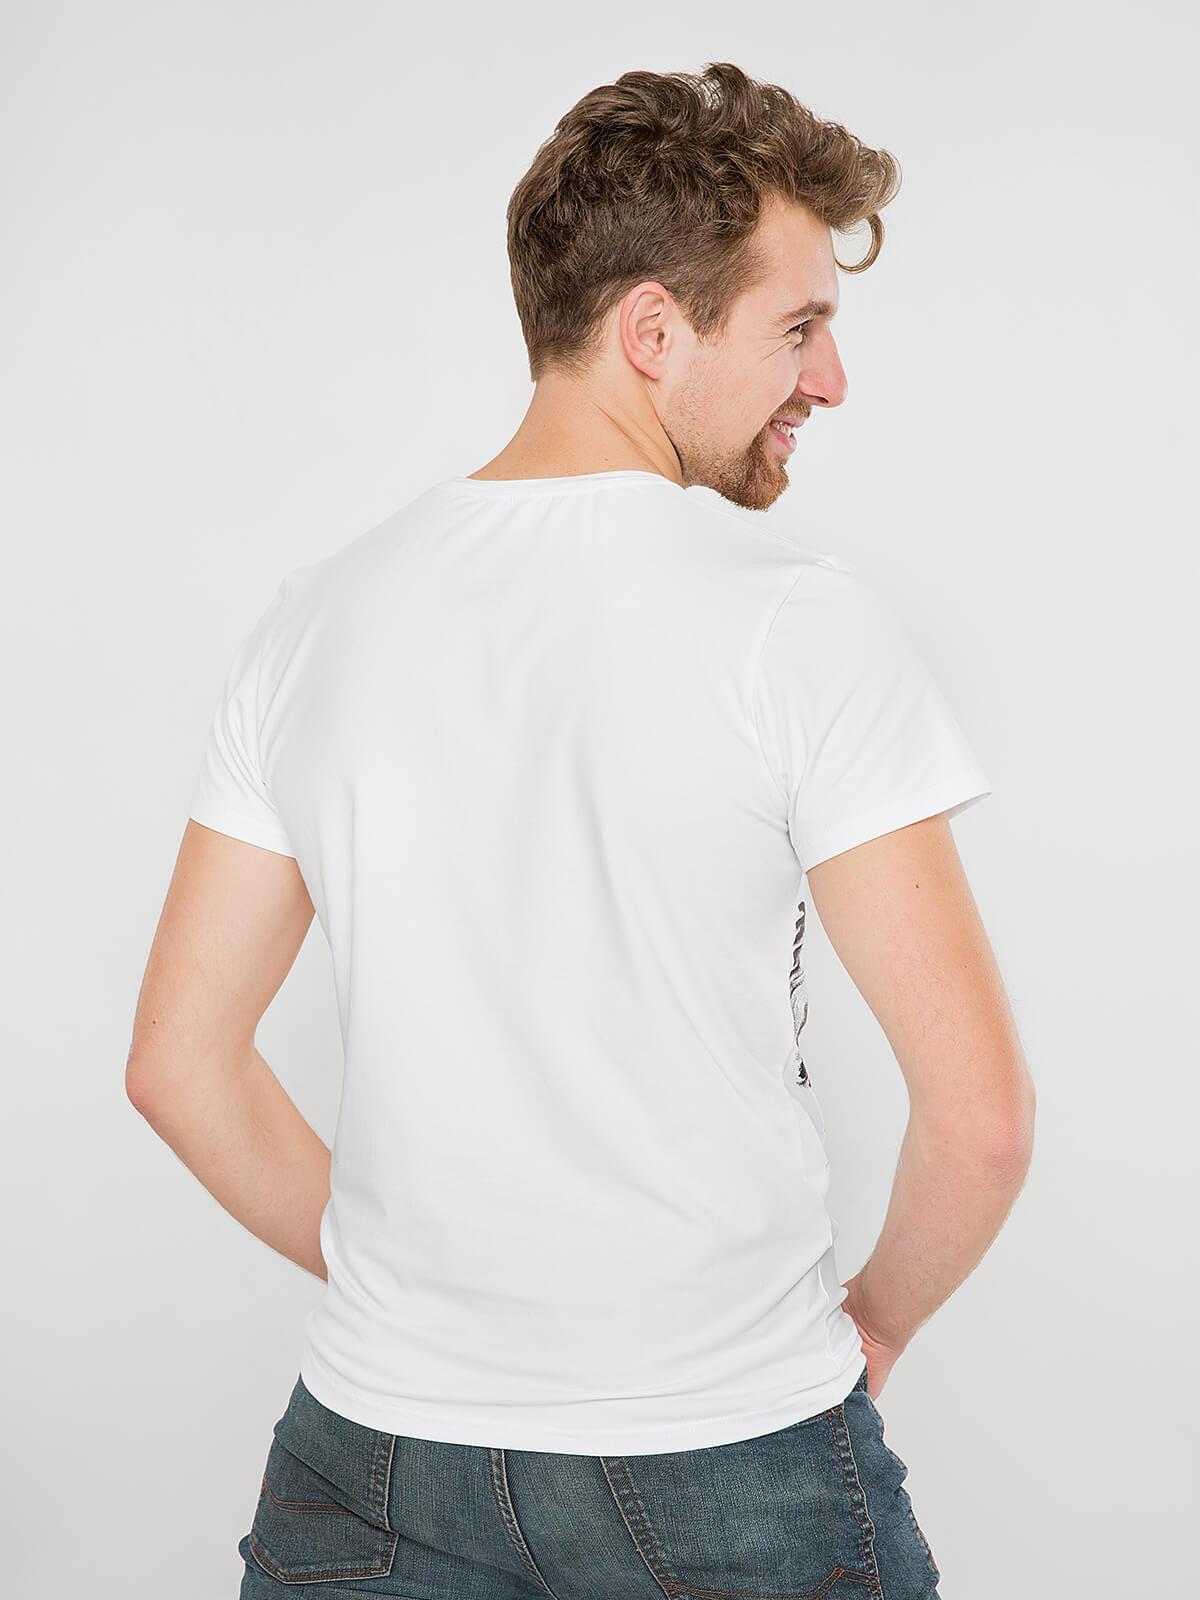 Чоловіча Футболка Орел. Колір білий.  Матеріал: 95% бавовна, 5% спандекс.